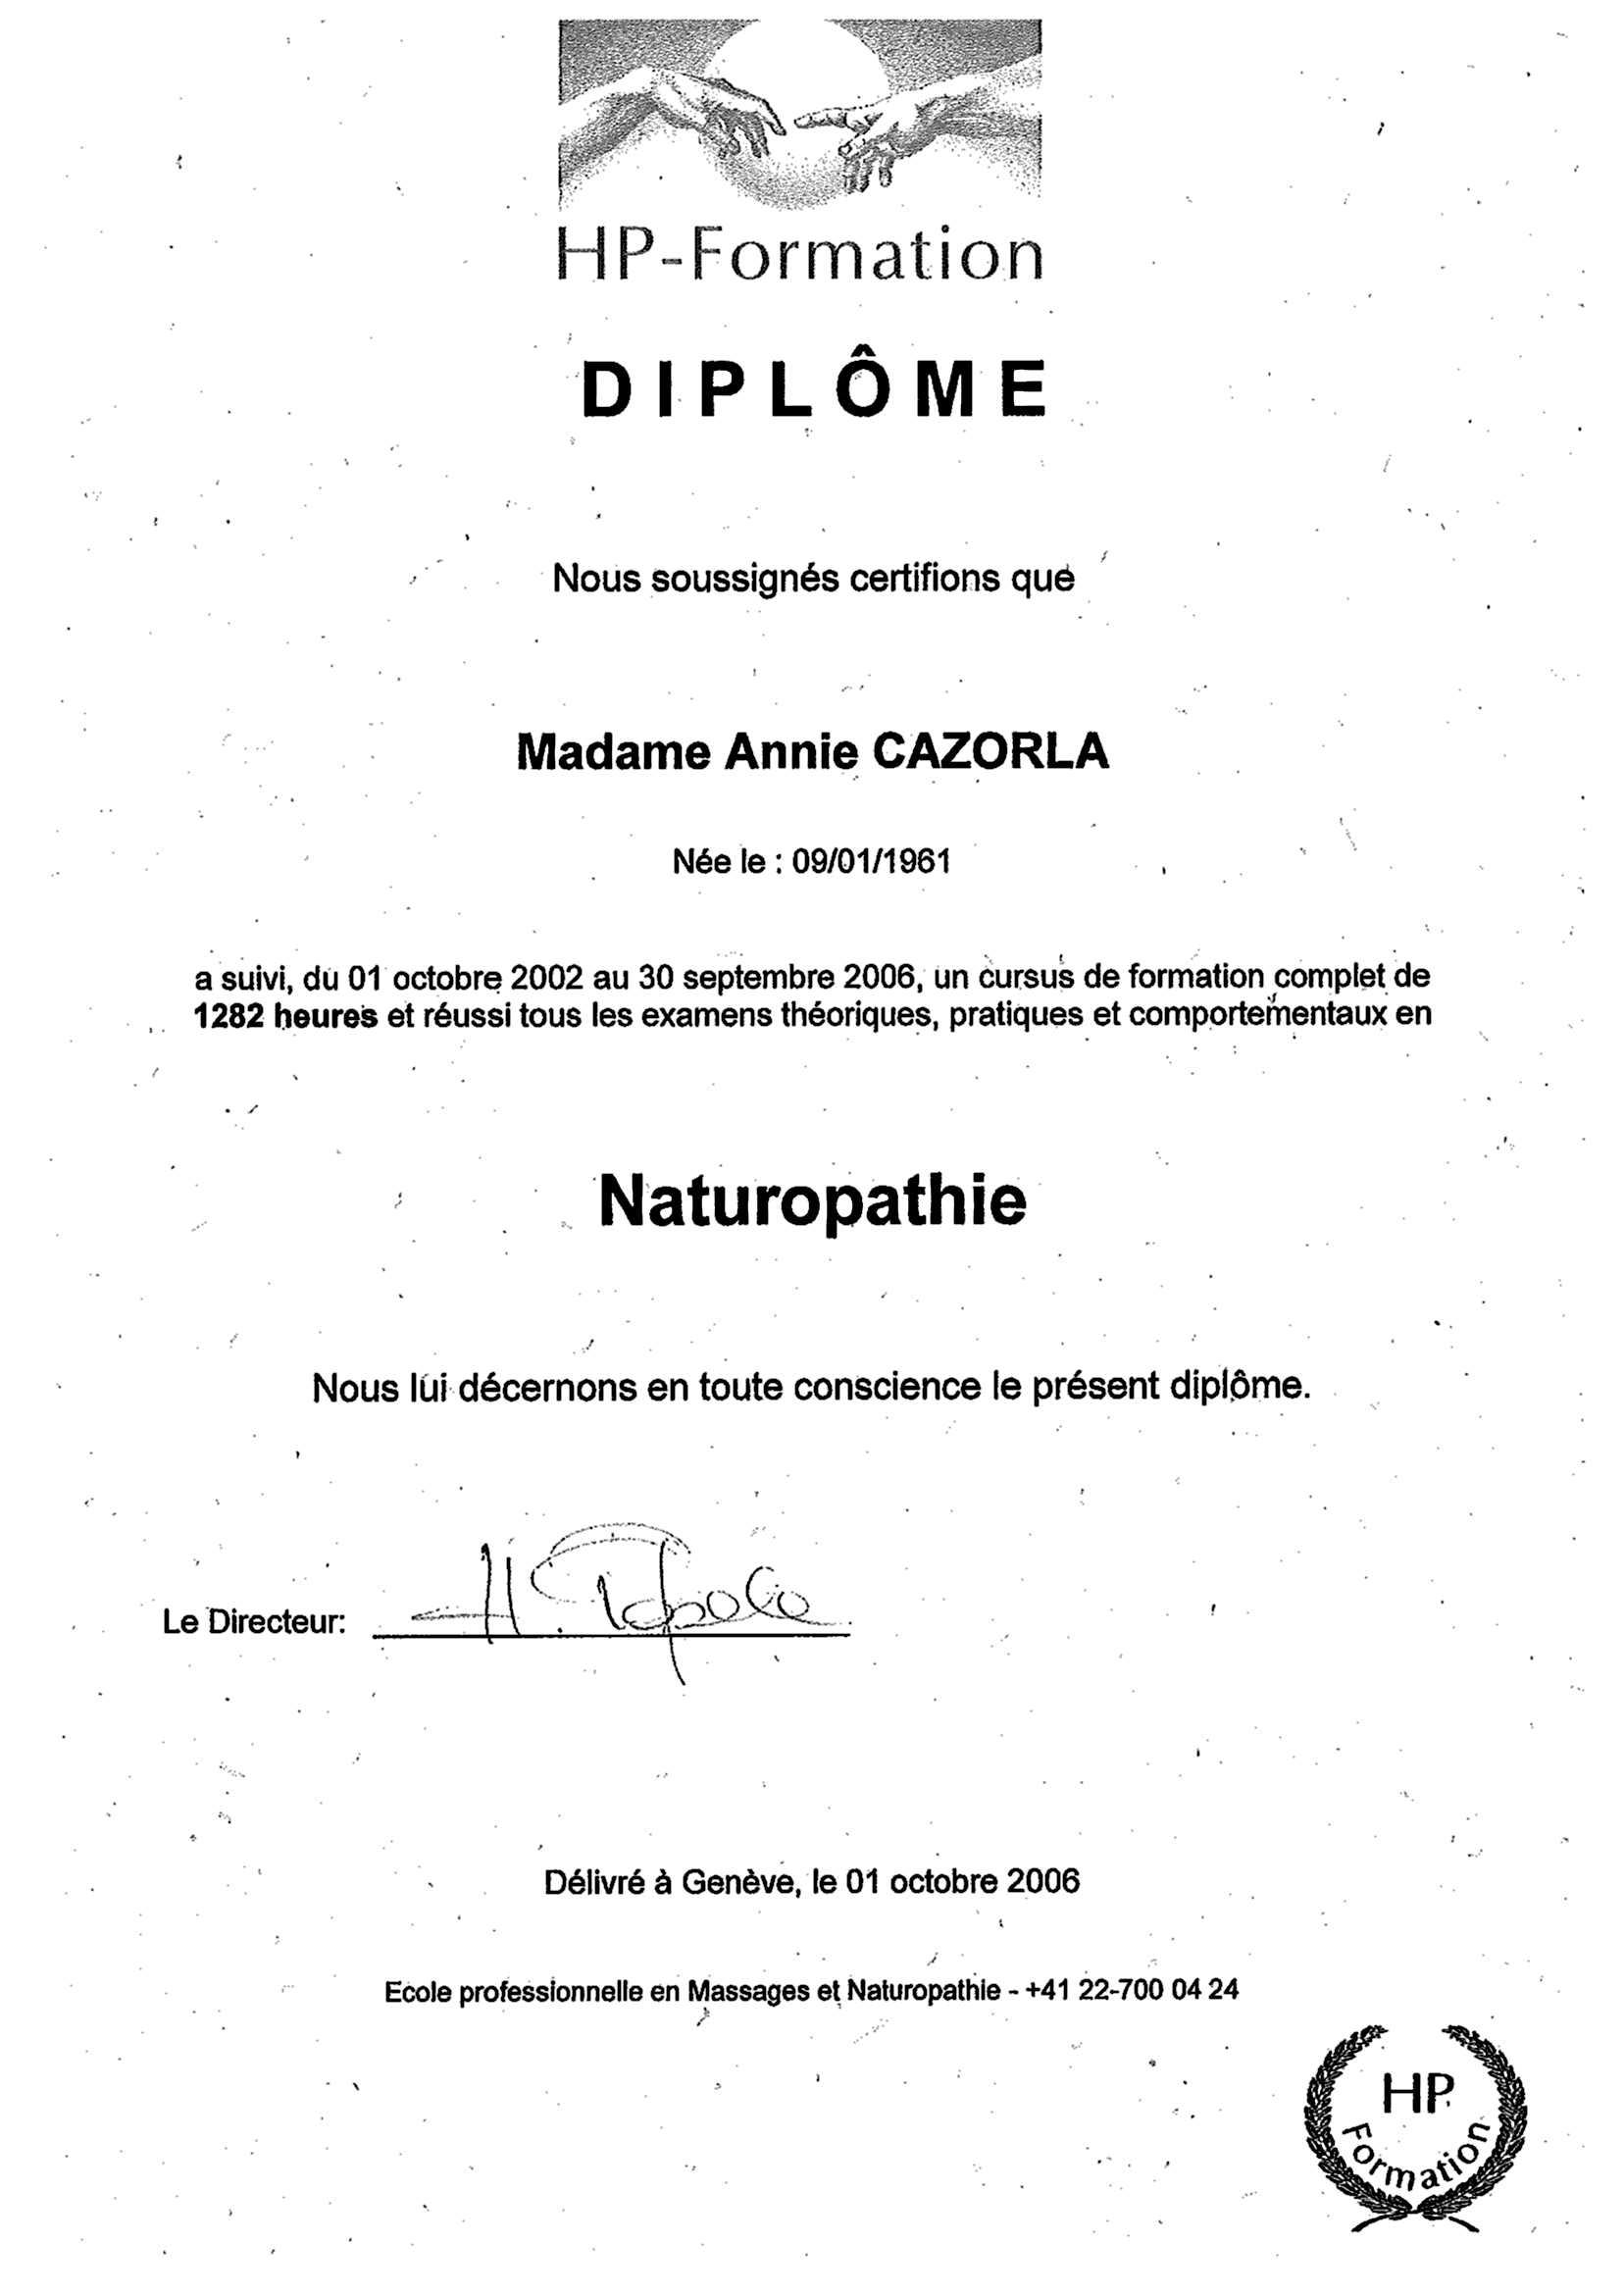 diplome_naturopatie